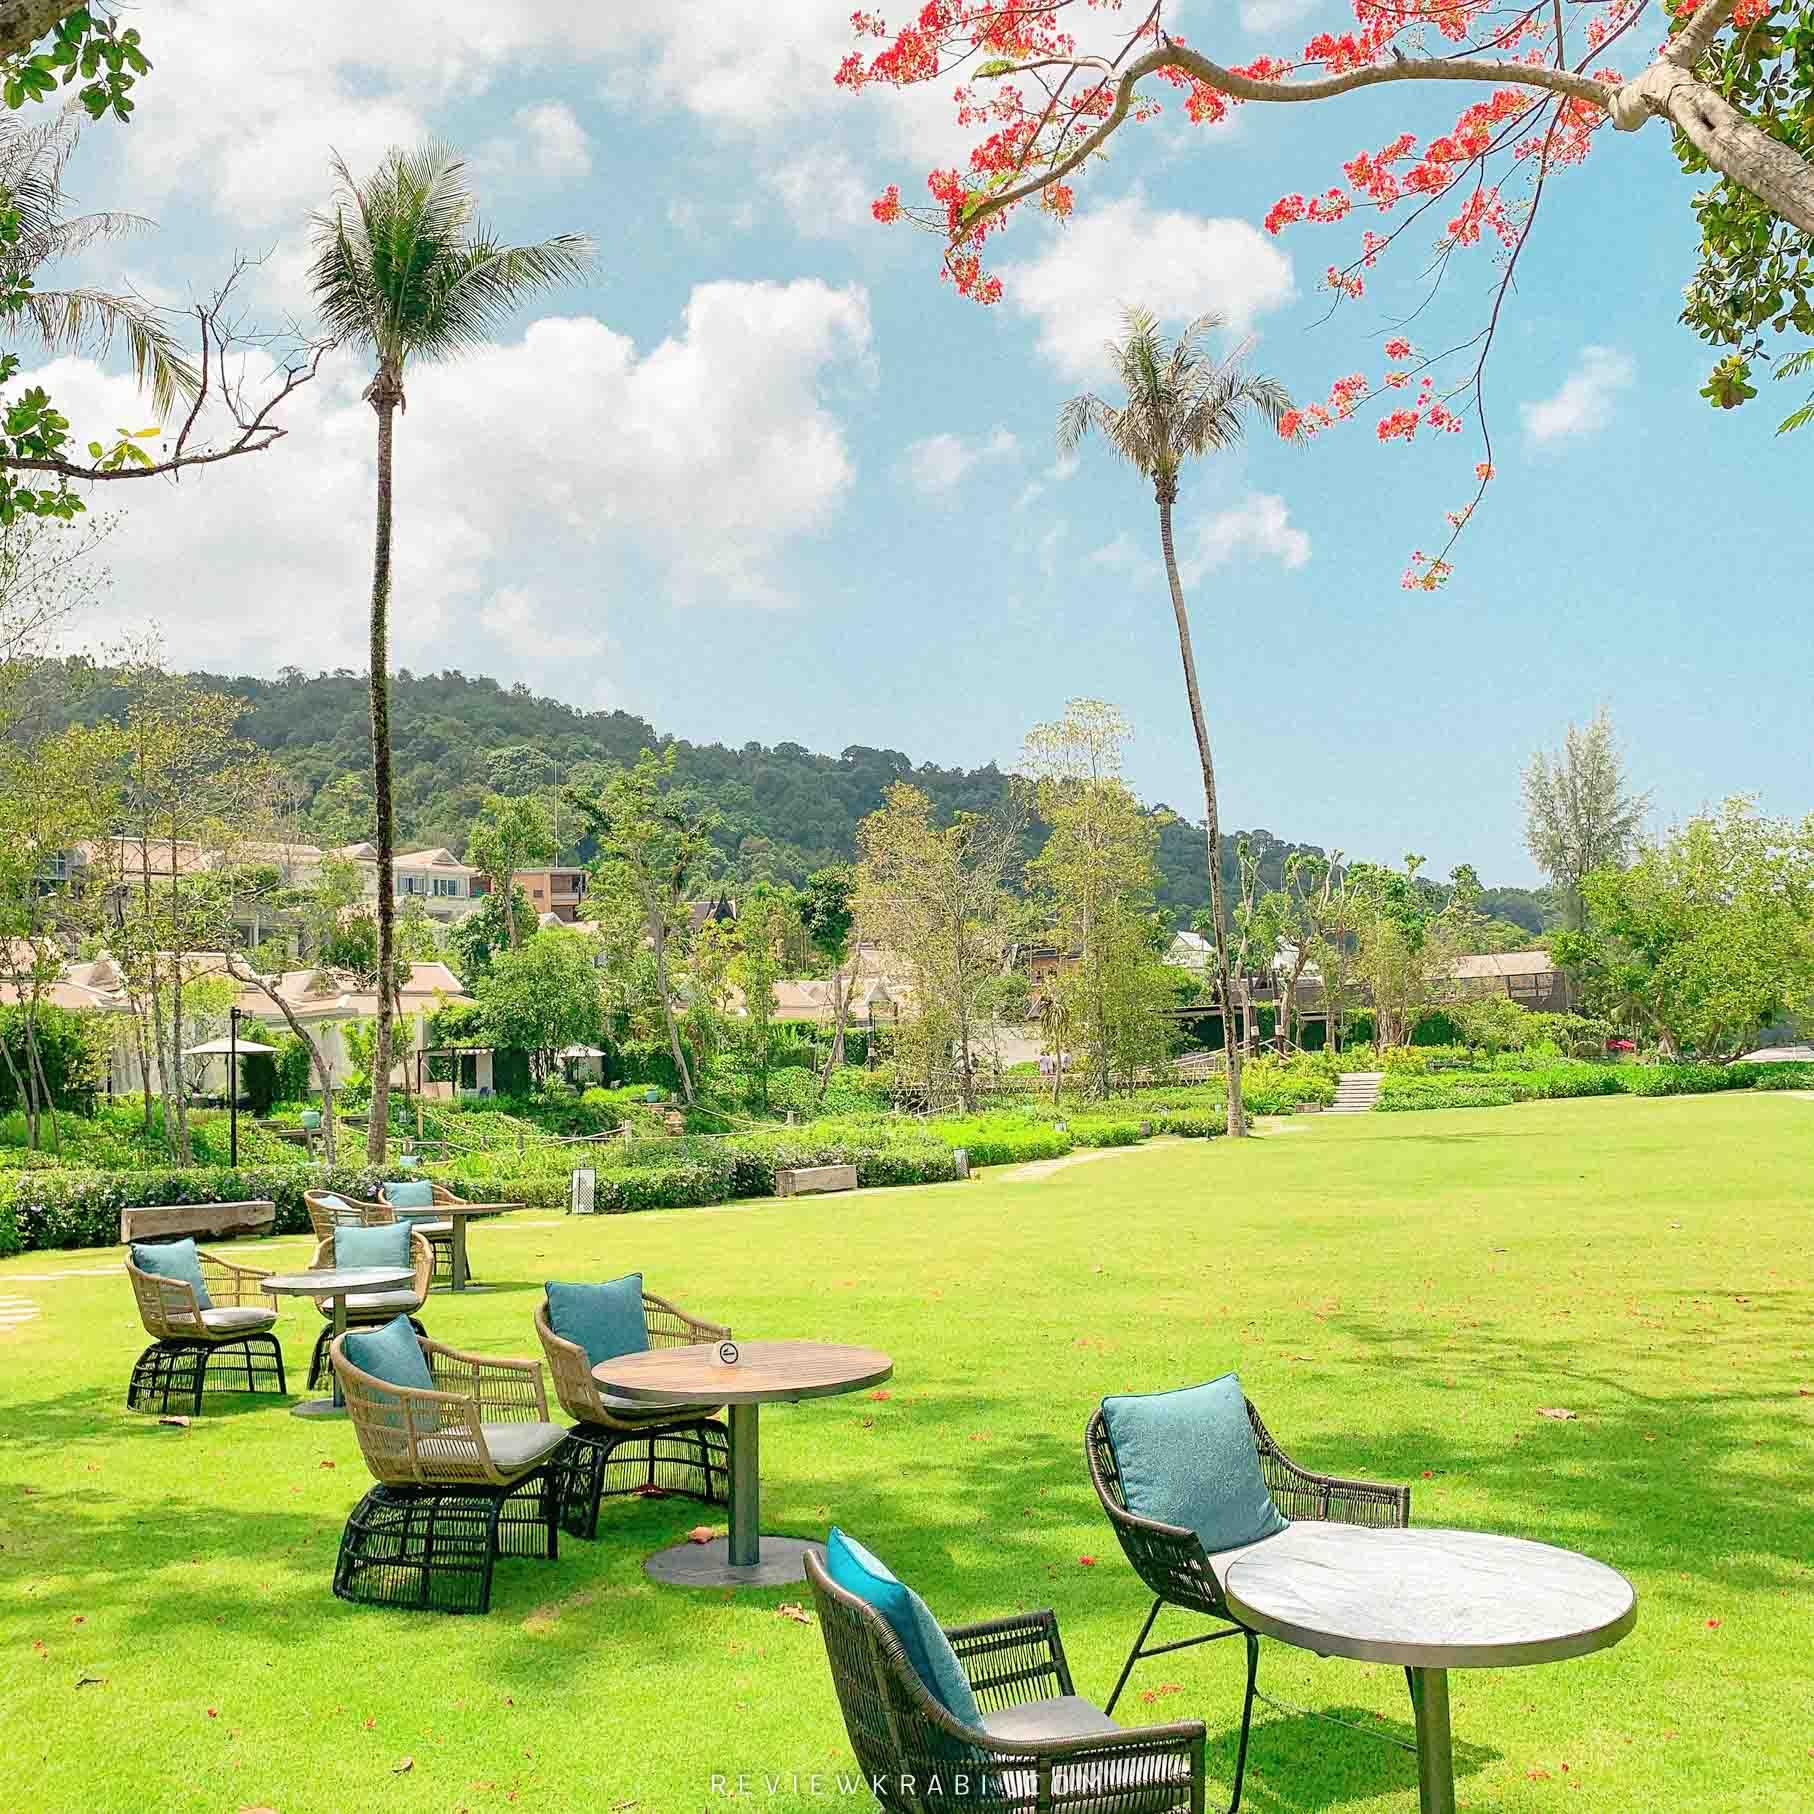 บันยันทรี,banyantree,ที่พักกระบี่,โรงแรมกระบี่,รีสอร์ทกระบี่